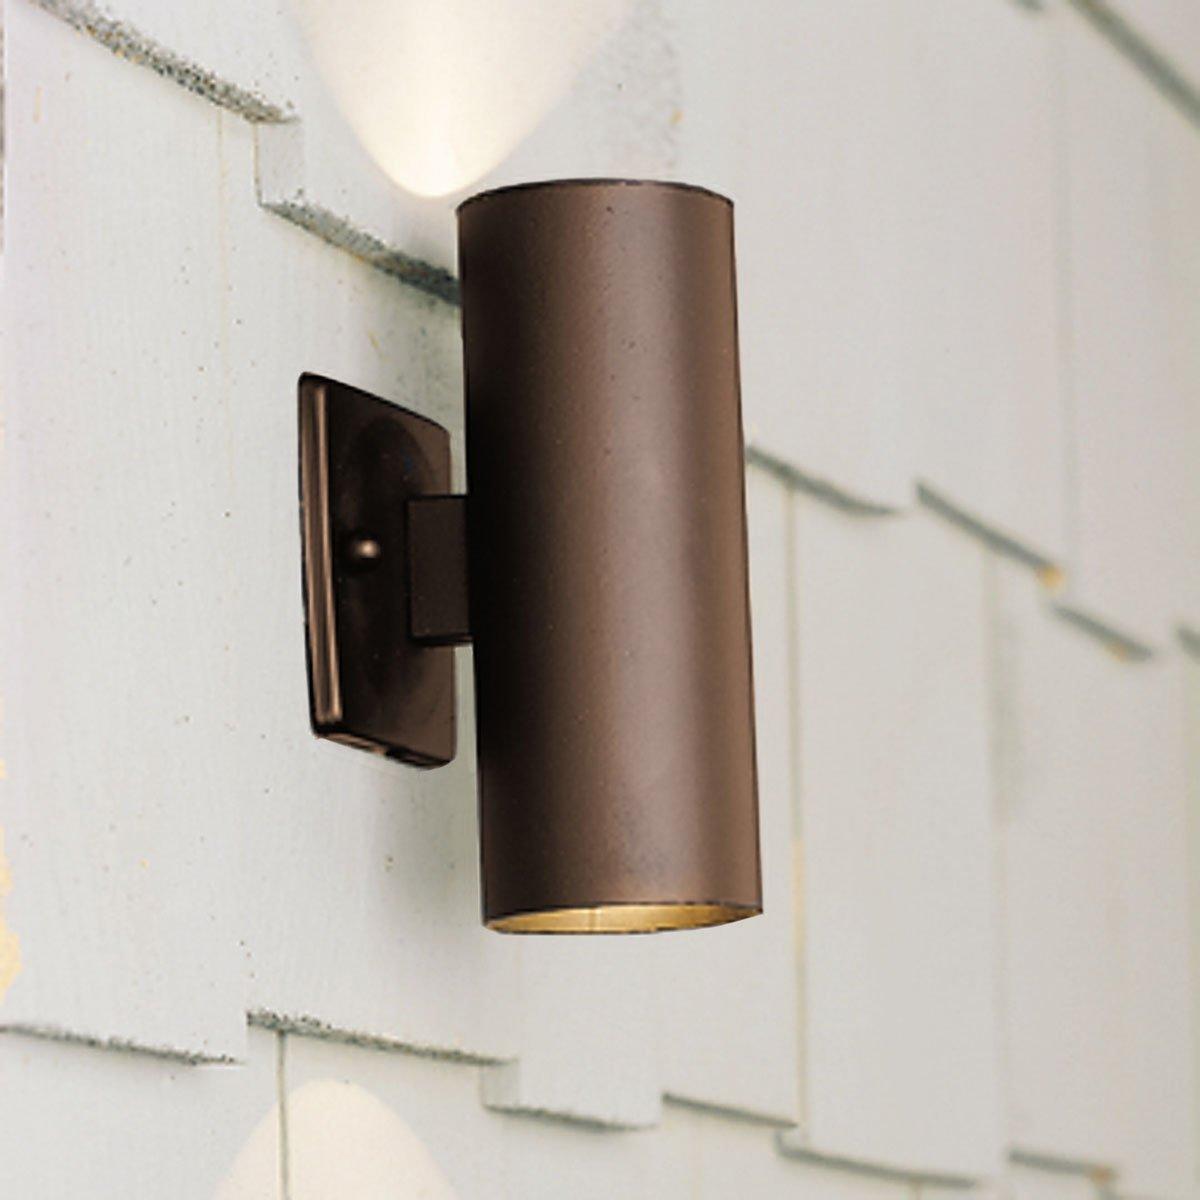 Kichler 15079AZT Up/Down Accent Light, Textured Architectural Bronze